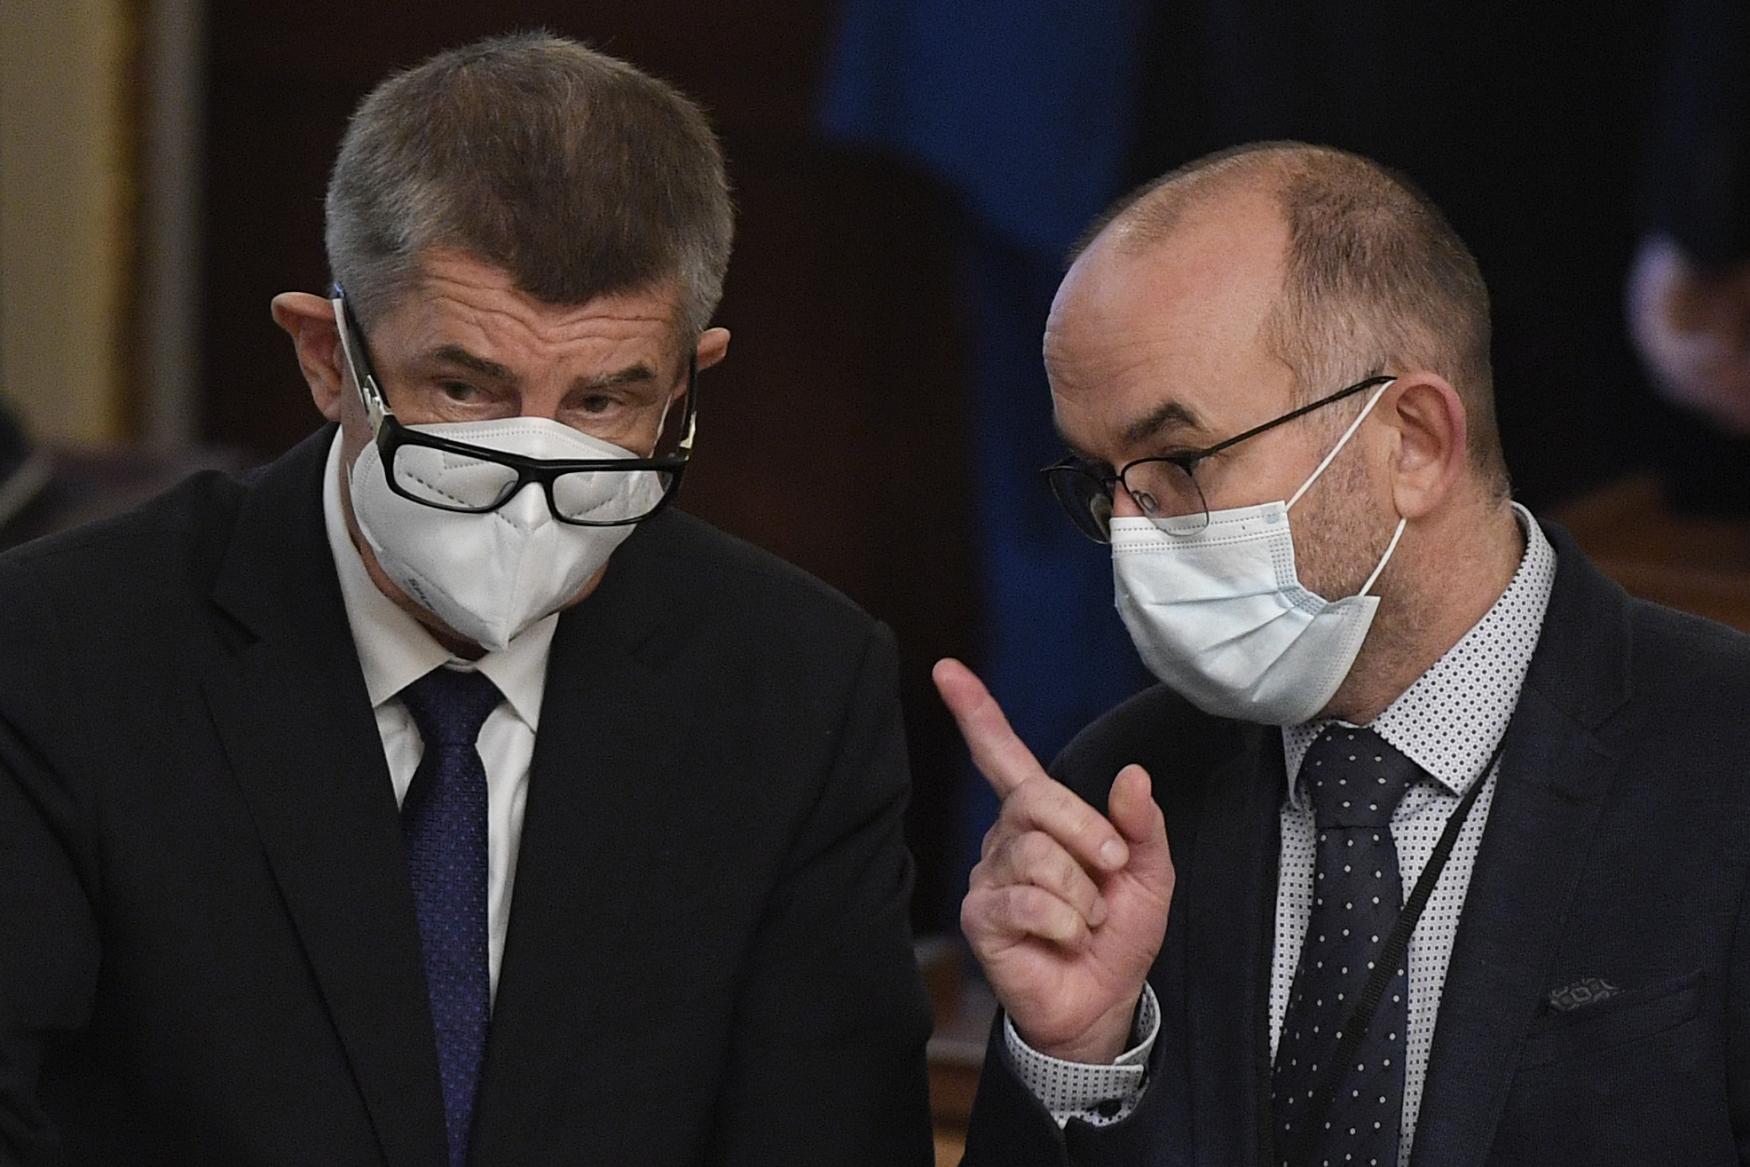 S výměnou Prymuly za Blatného lidé souhlasí, ukázal průzkum. Z vládních  politiků věří nejvíce Hamáčkovi, nedůvěřují Babišovi — ČT24 — Česká televize